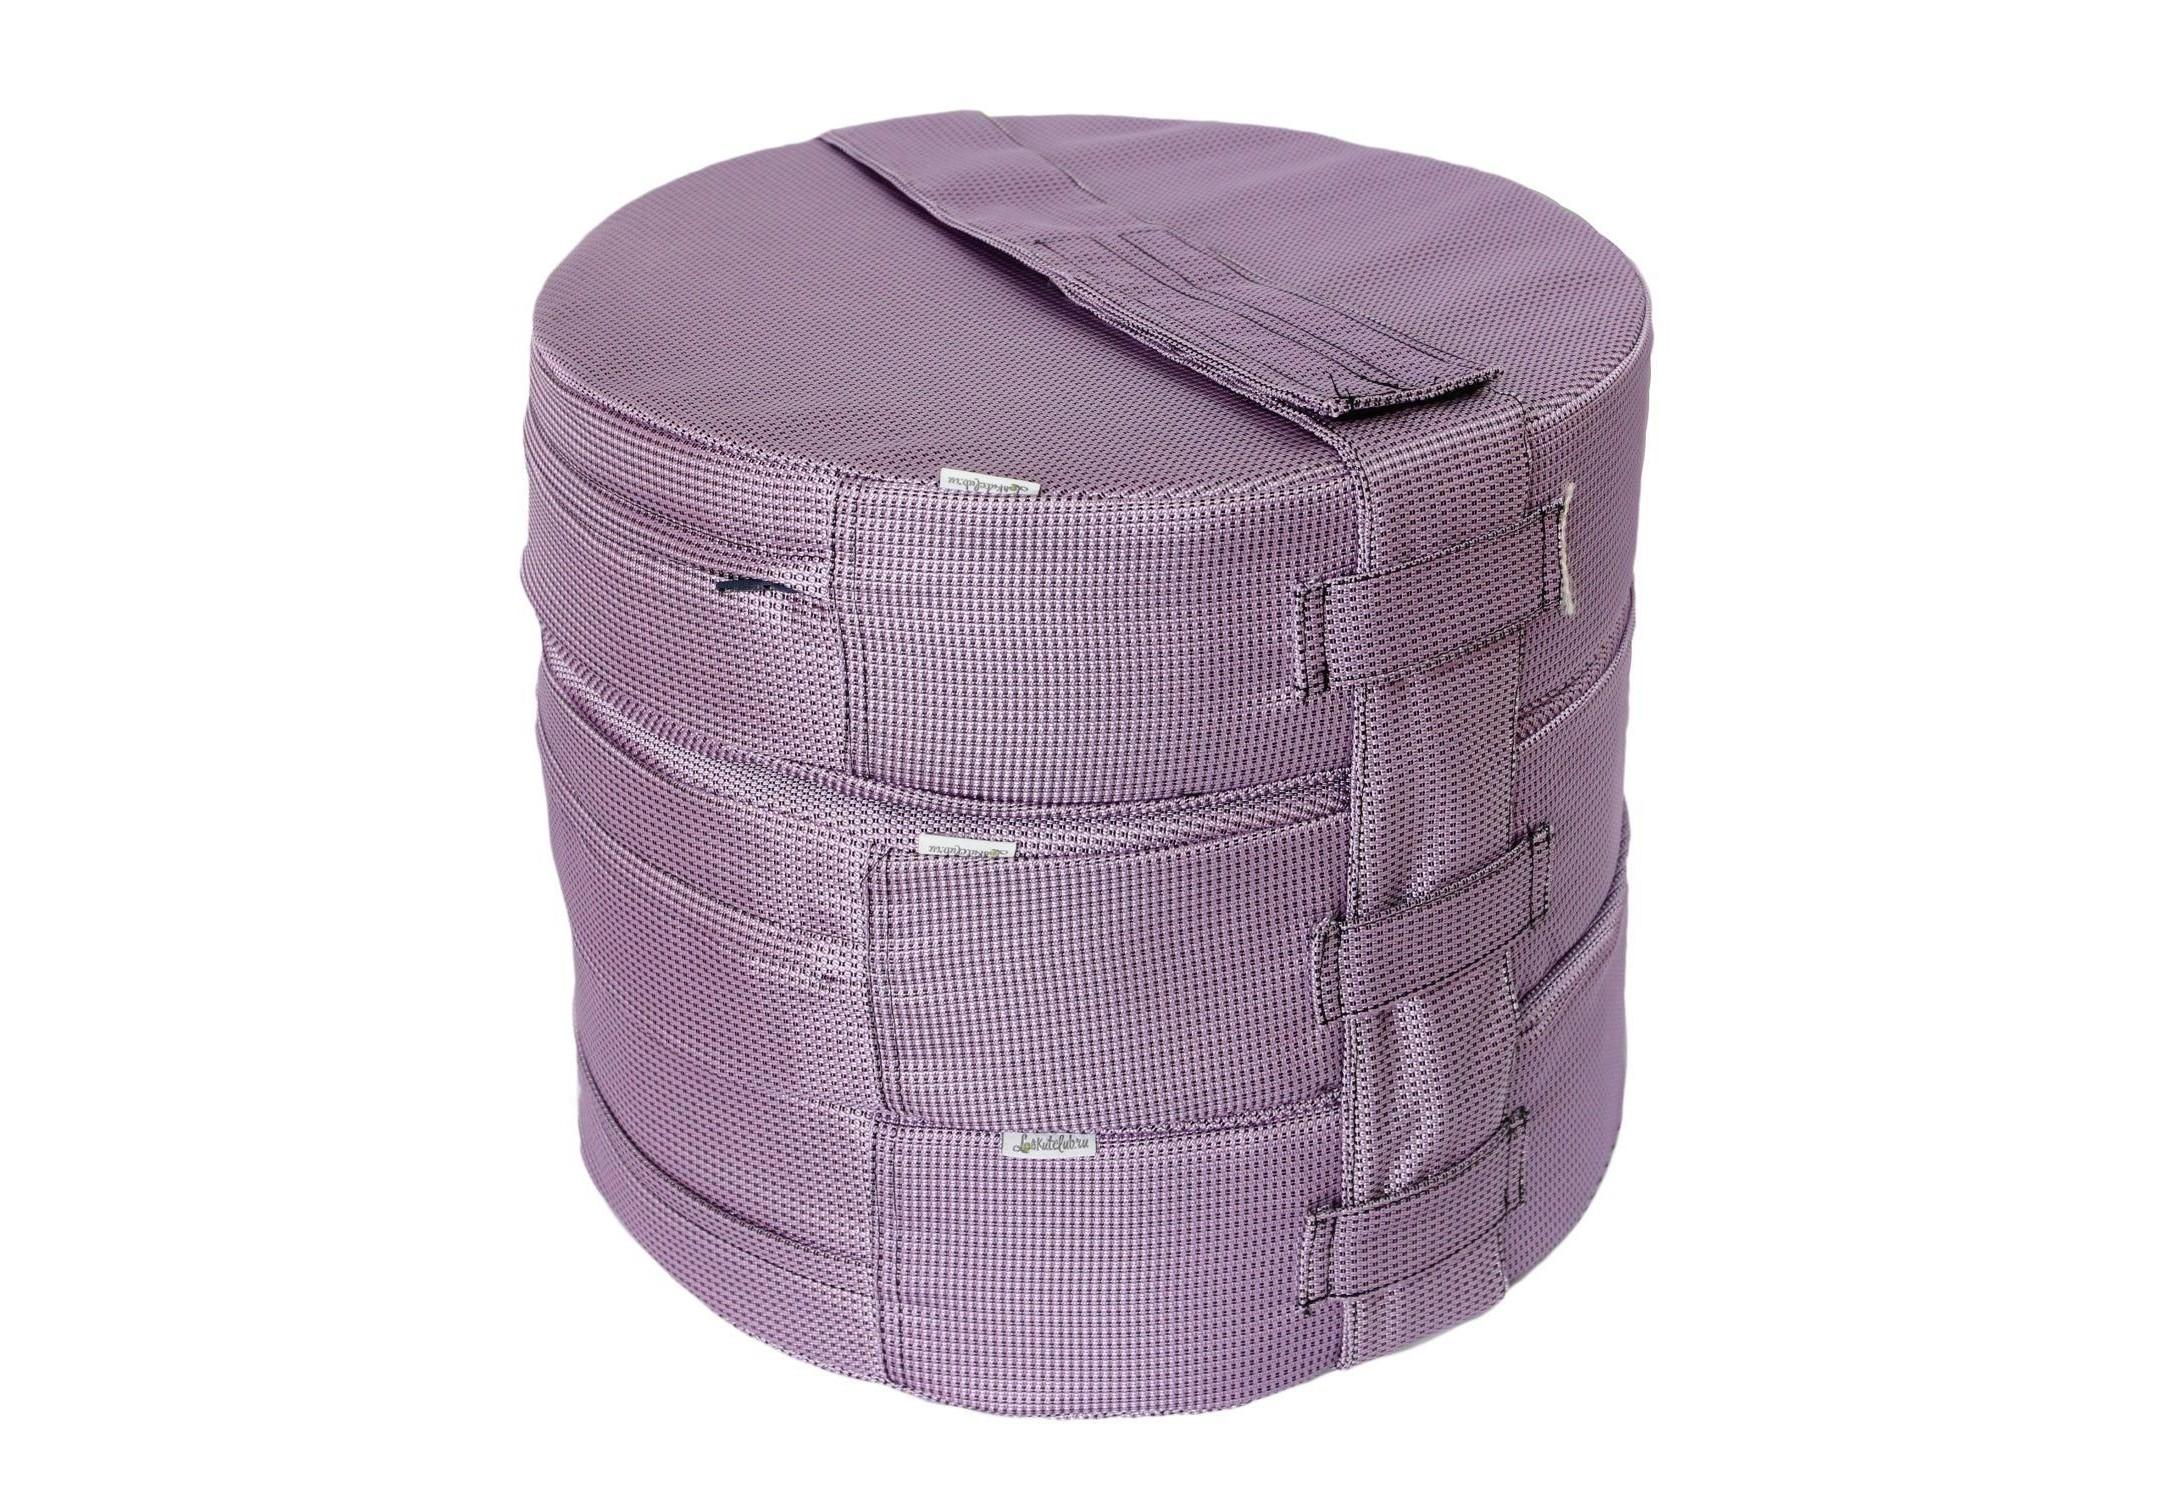 Подушка на пол lupin (3шт)Форменные пуфы<br>Мягкие и очень удобные подушки на пол из водооталкивающей ткани с наполнителем из поролона станут функциональным предметом для комфортного отдыха. Контраст вставки с основным цветом изделия добавит изюминку в ваше пространство! Подушка сшита из очень плотной ткани с водооталкивающей пропиткой с внешней стороны, поэтому идеально подойдет для уличного декора. Набор подушек удобно хранить и перевозить в машине, за счет компактной упаковки. При загрязнении ее достаточно протереть влажной салфеткой!&amp;amp;nbsp;&amp;lt;div&amp;gt;&amp;lt;br&amp;gt;&amp;lt;/div&amp;gt;&amp;lt;div&amp;gt;Размер каждой подушки 10х40 см.&amp;amp;nbsp;&amp;lt;/div&amp;gt;<br><br>Material: Текстиль<br>Height см: 30<br>Diameter см: 40